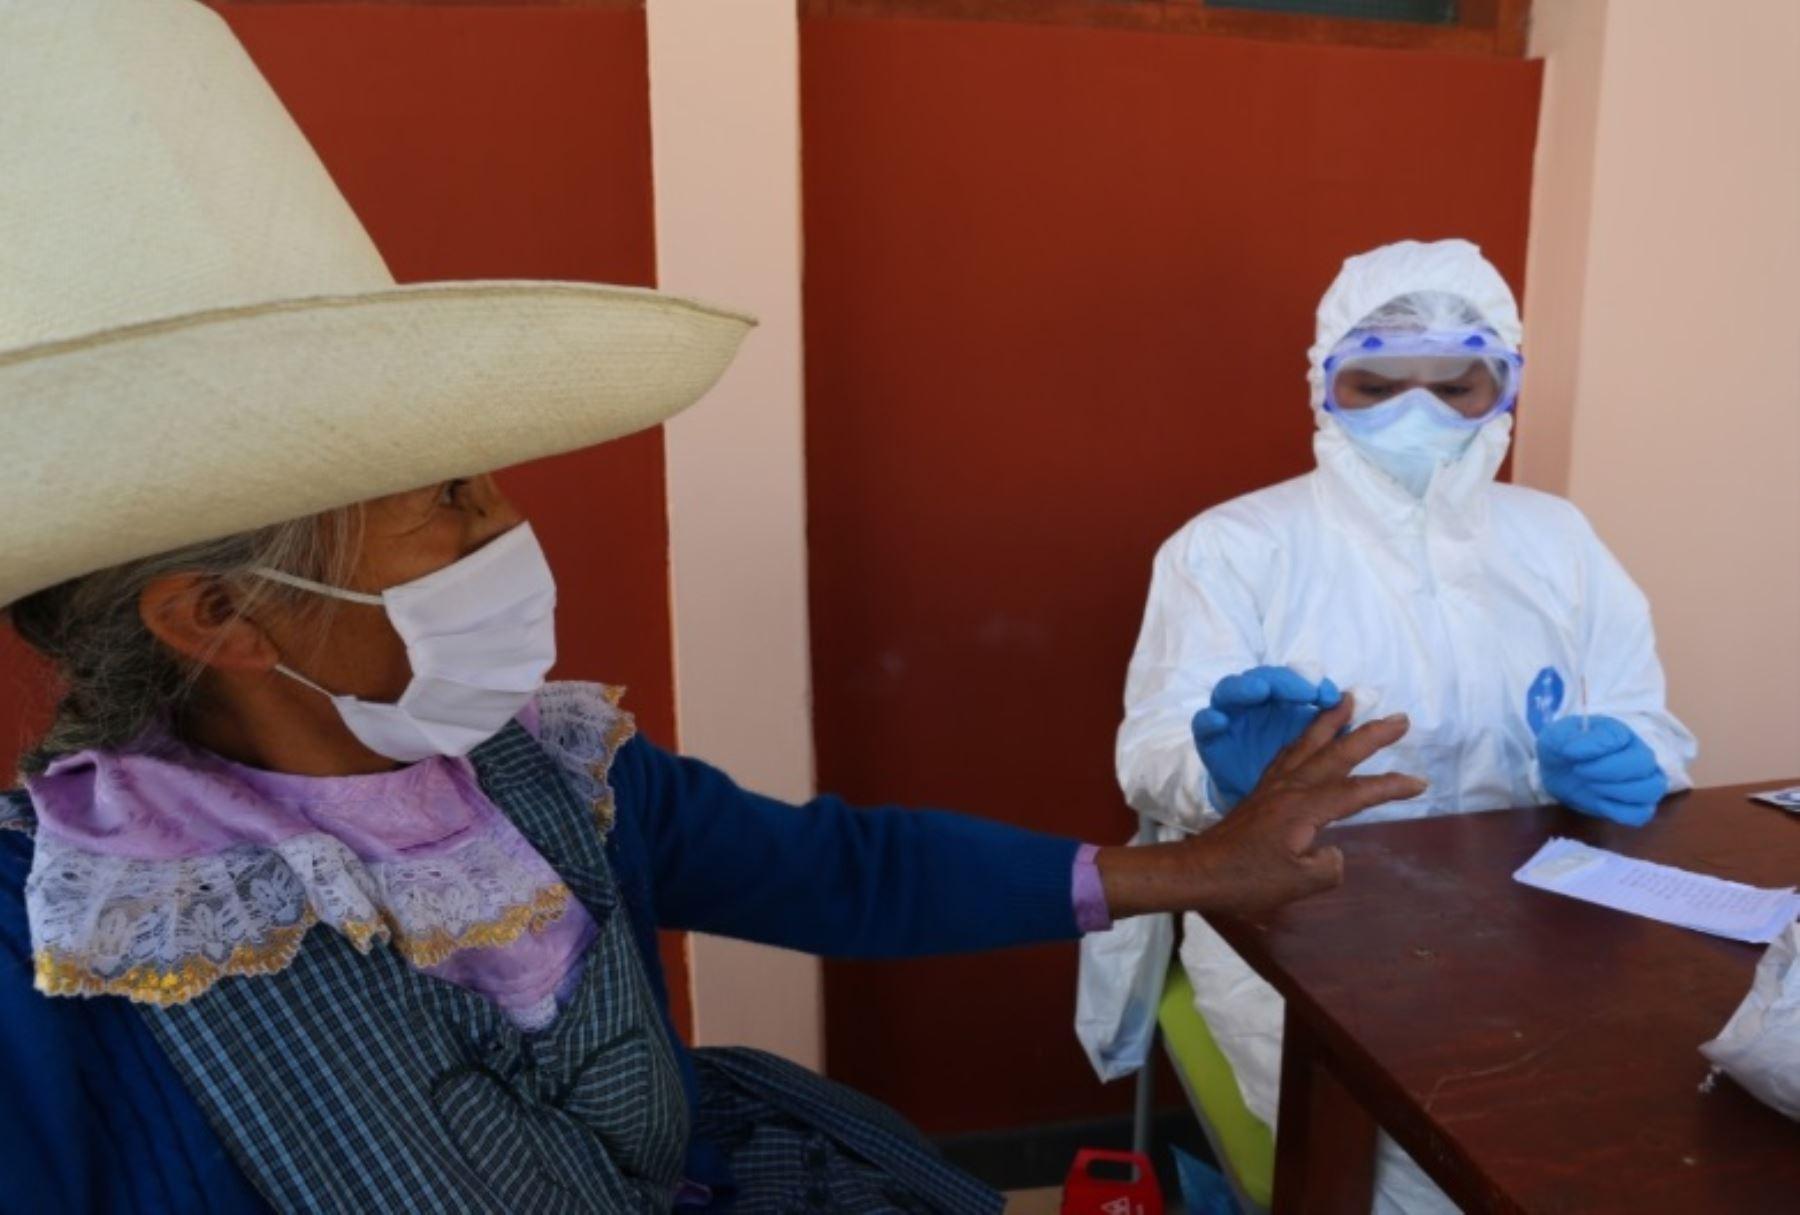 Pobladores de Cajamarca respetan disposiciones del Gobierno para frenar el contagio del nuevo coronavirus. Foto: ANDINA/Difusión